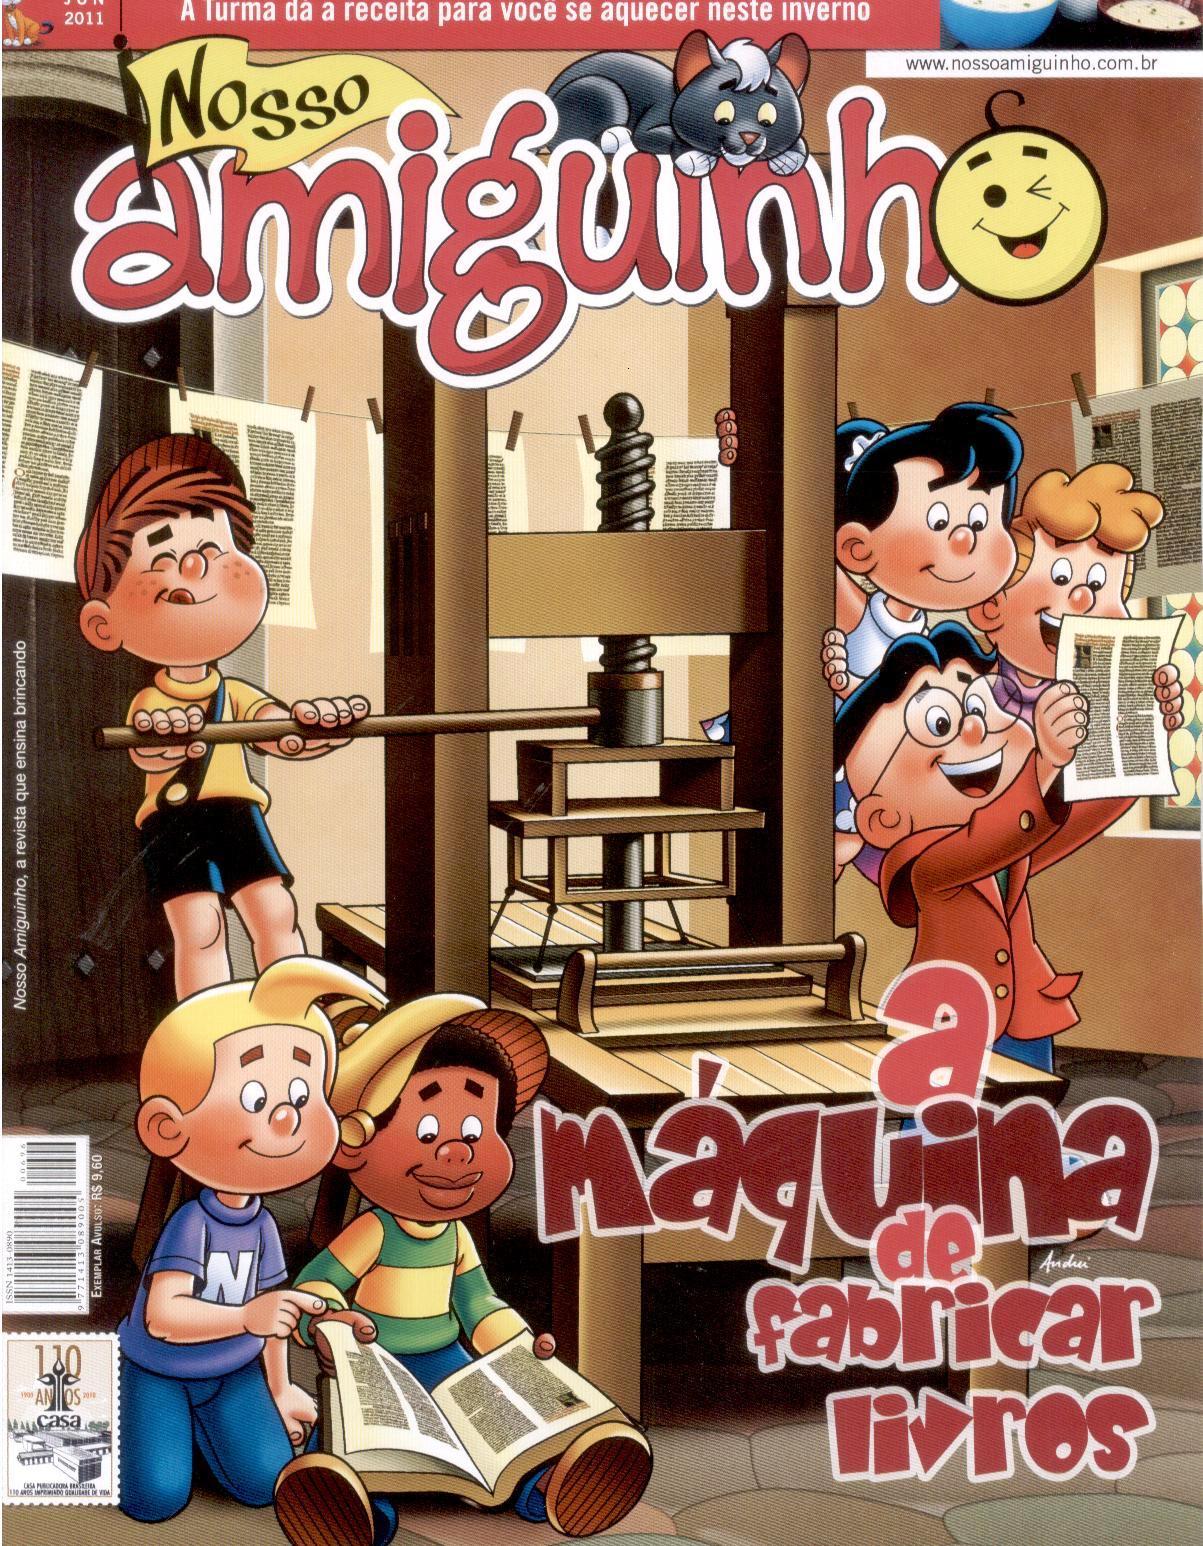 Revista Nosso Amiguinho Assinar Revista Nosso Amiguinho – Assinar